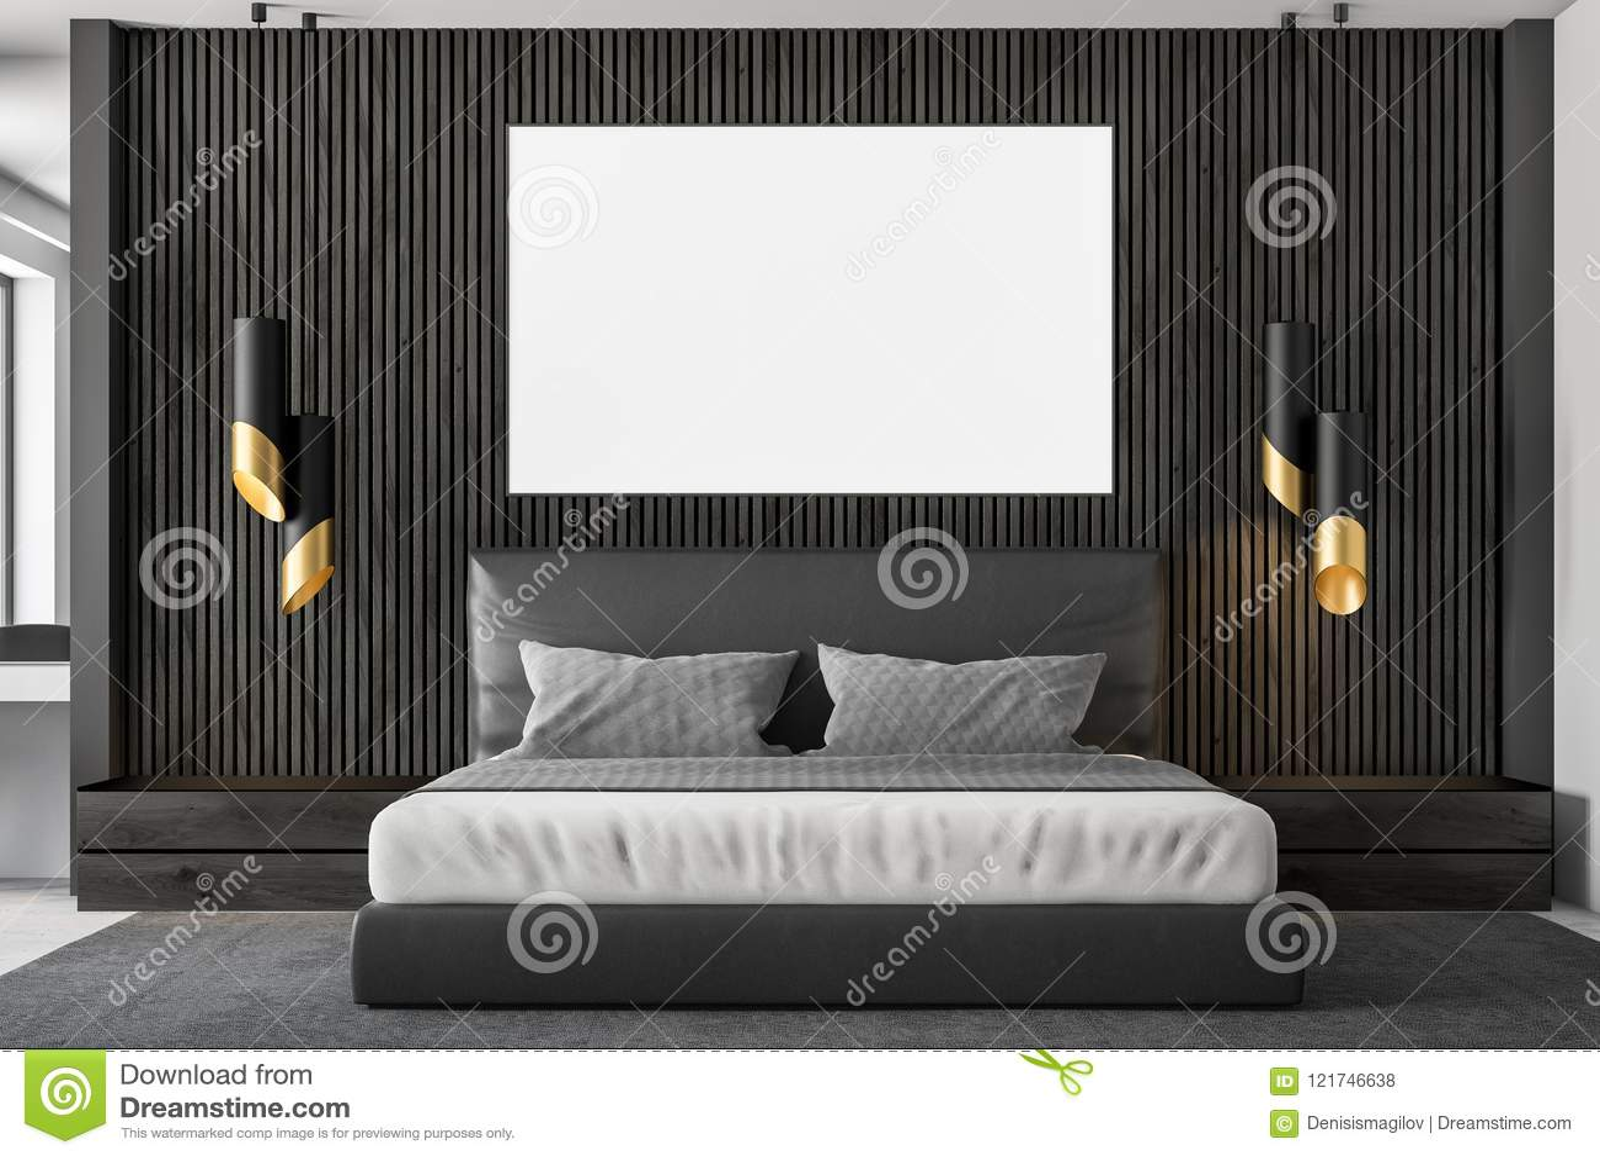 Dark Wood Master Bedroom Interior, Poster Stock Illustration ...